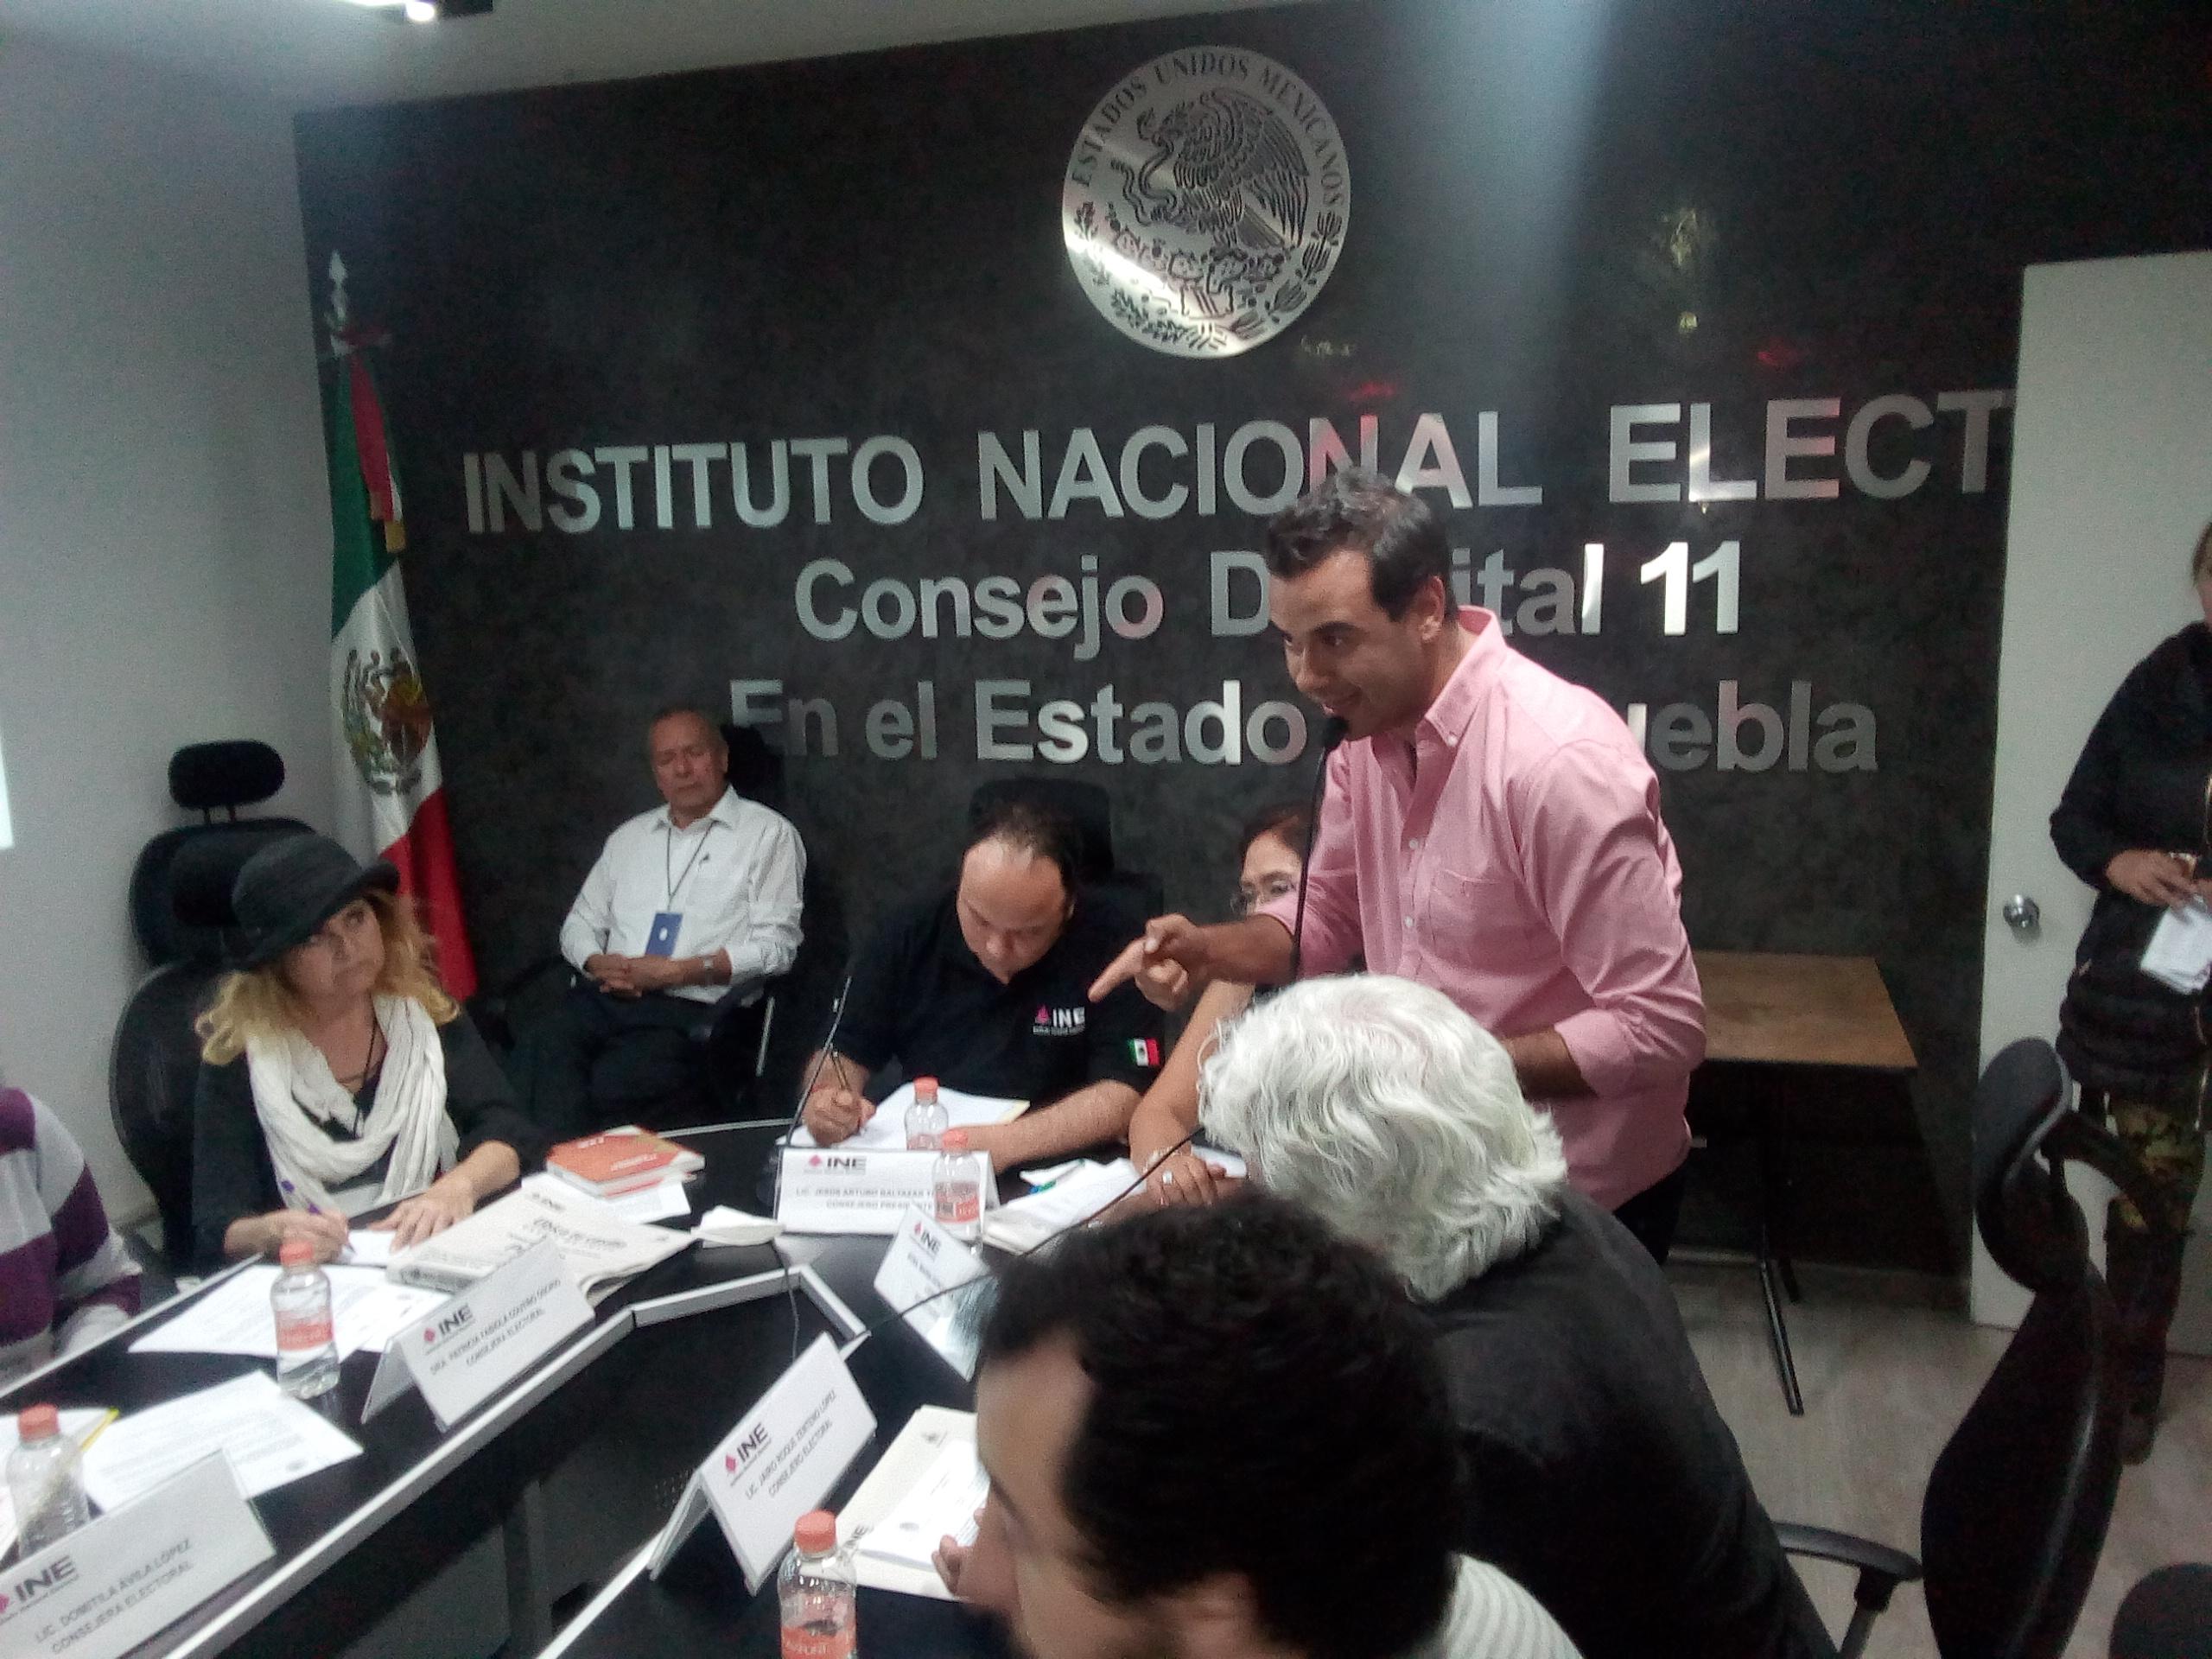 La Policía Estatal fue cómplice de la violencia, acusa Fernández Solana